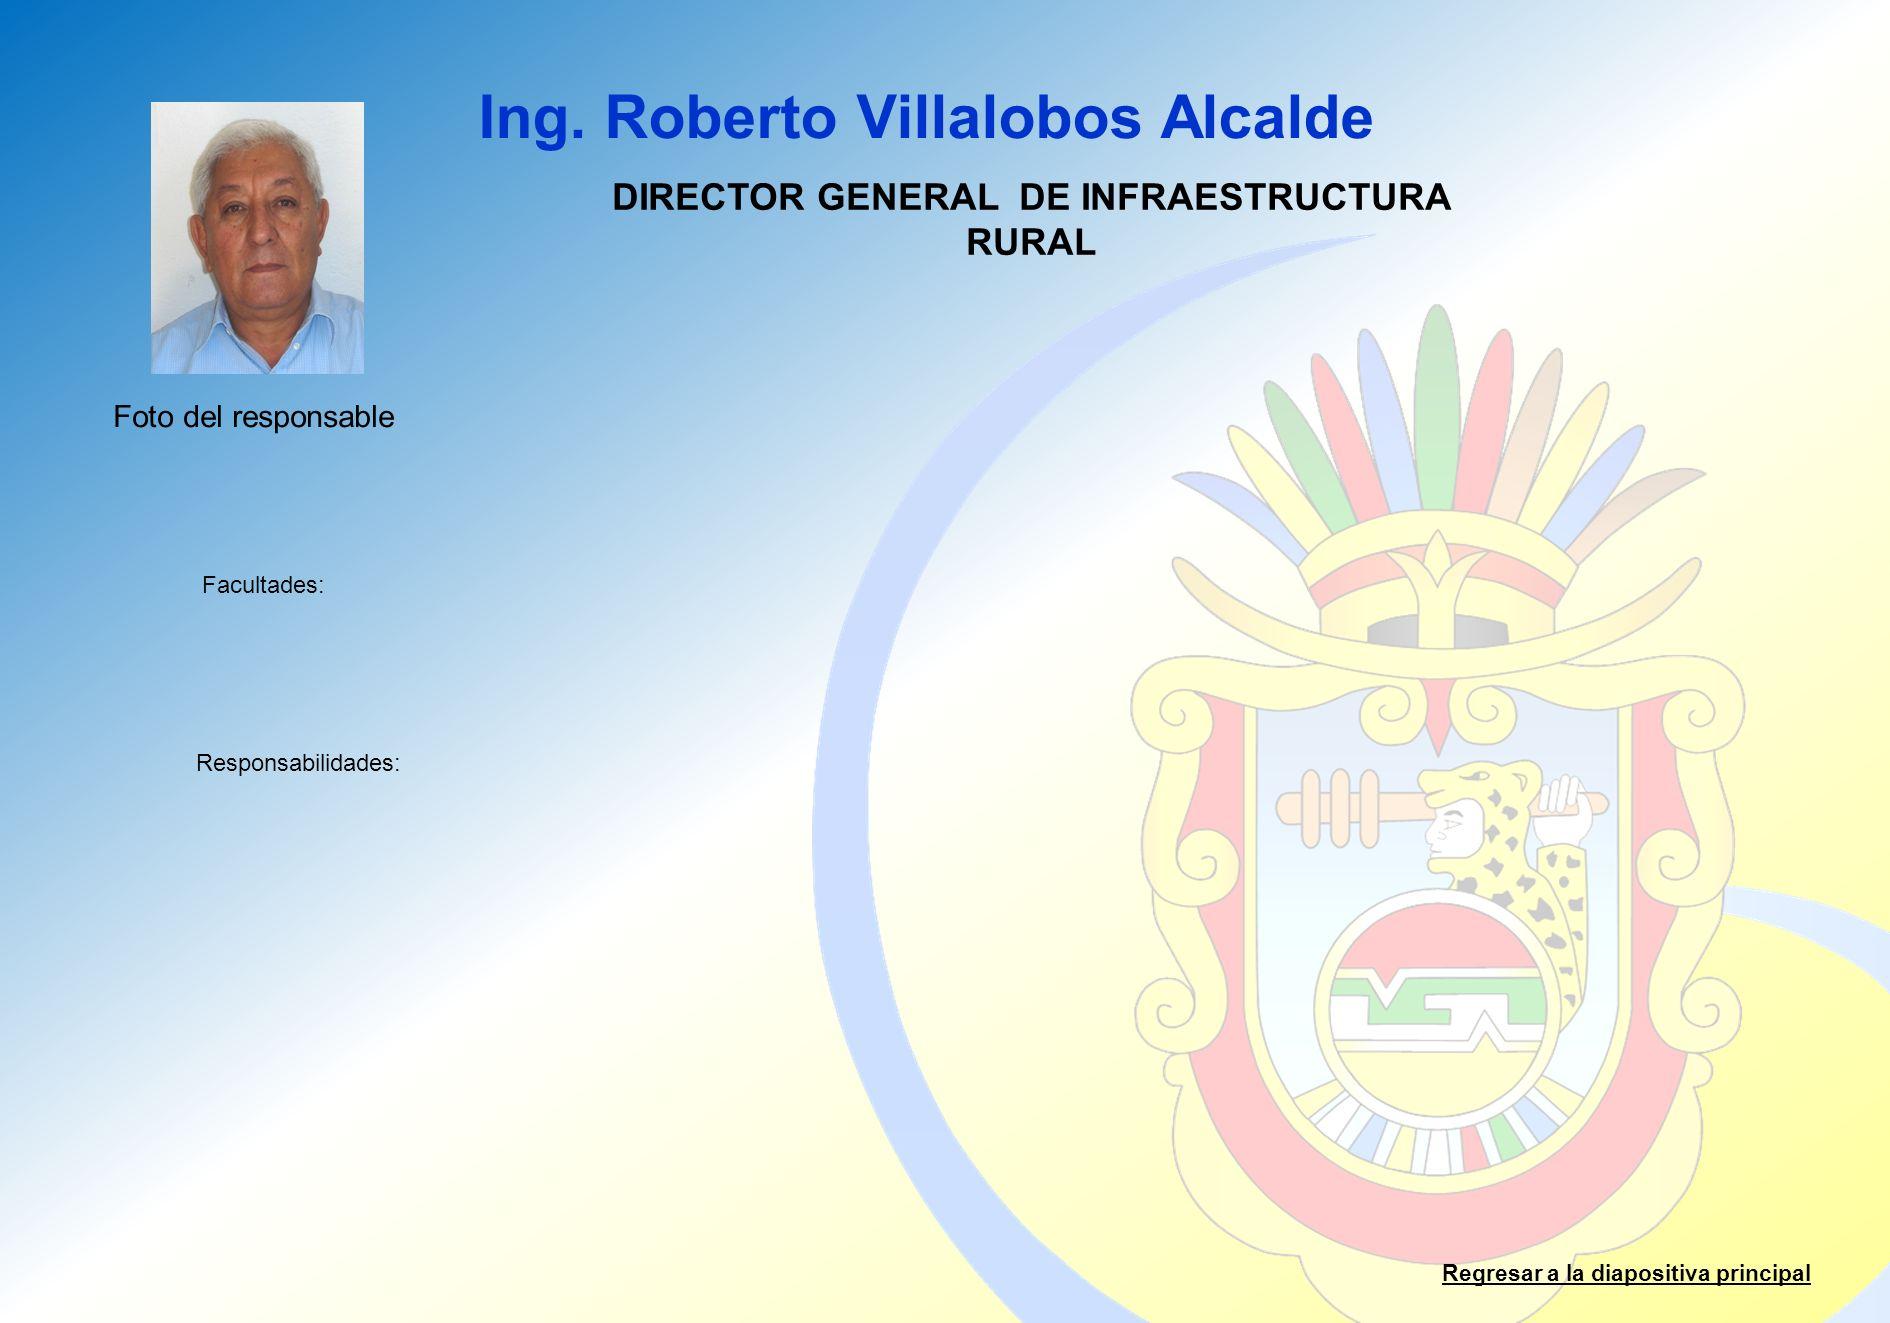 DIRECTOR GENERAL DE INFRAESTRUCTURA RURAL